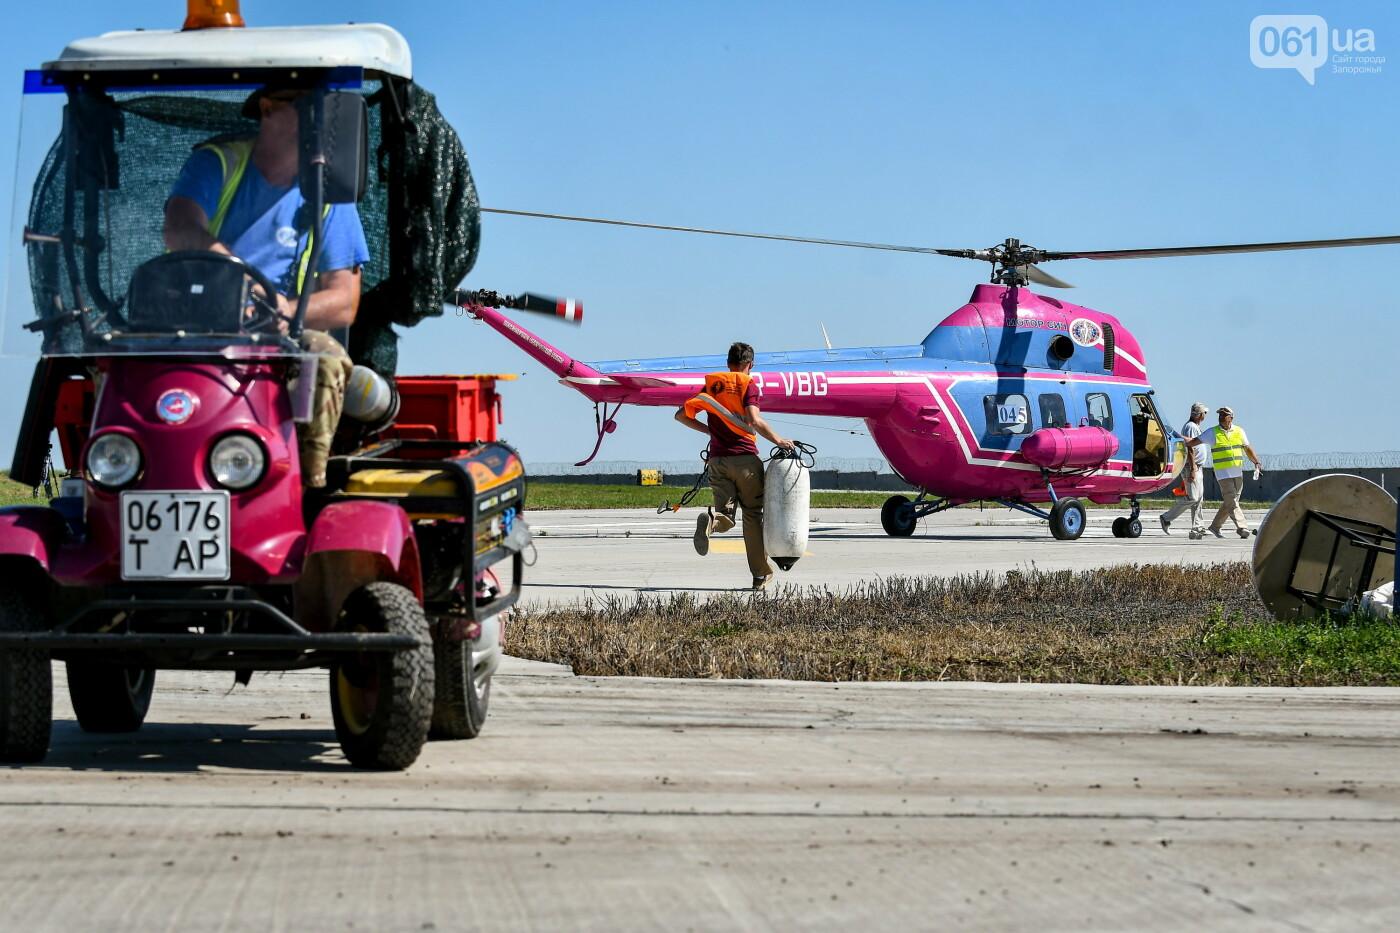 В Запорожье проходят соревнования по вертолетному спорту, - ФОТОРЕПОРТАЖ, фото-14